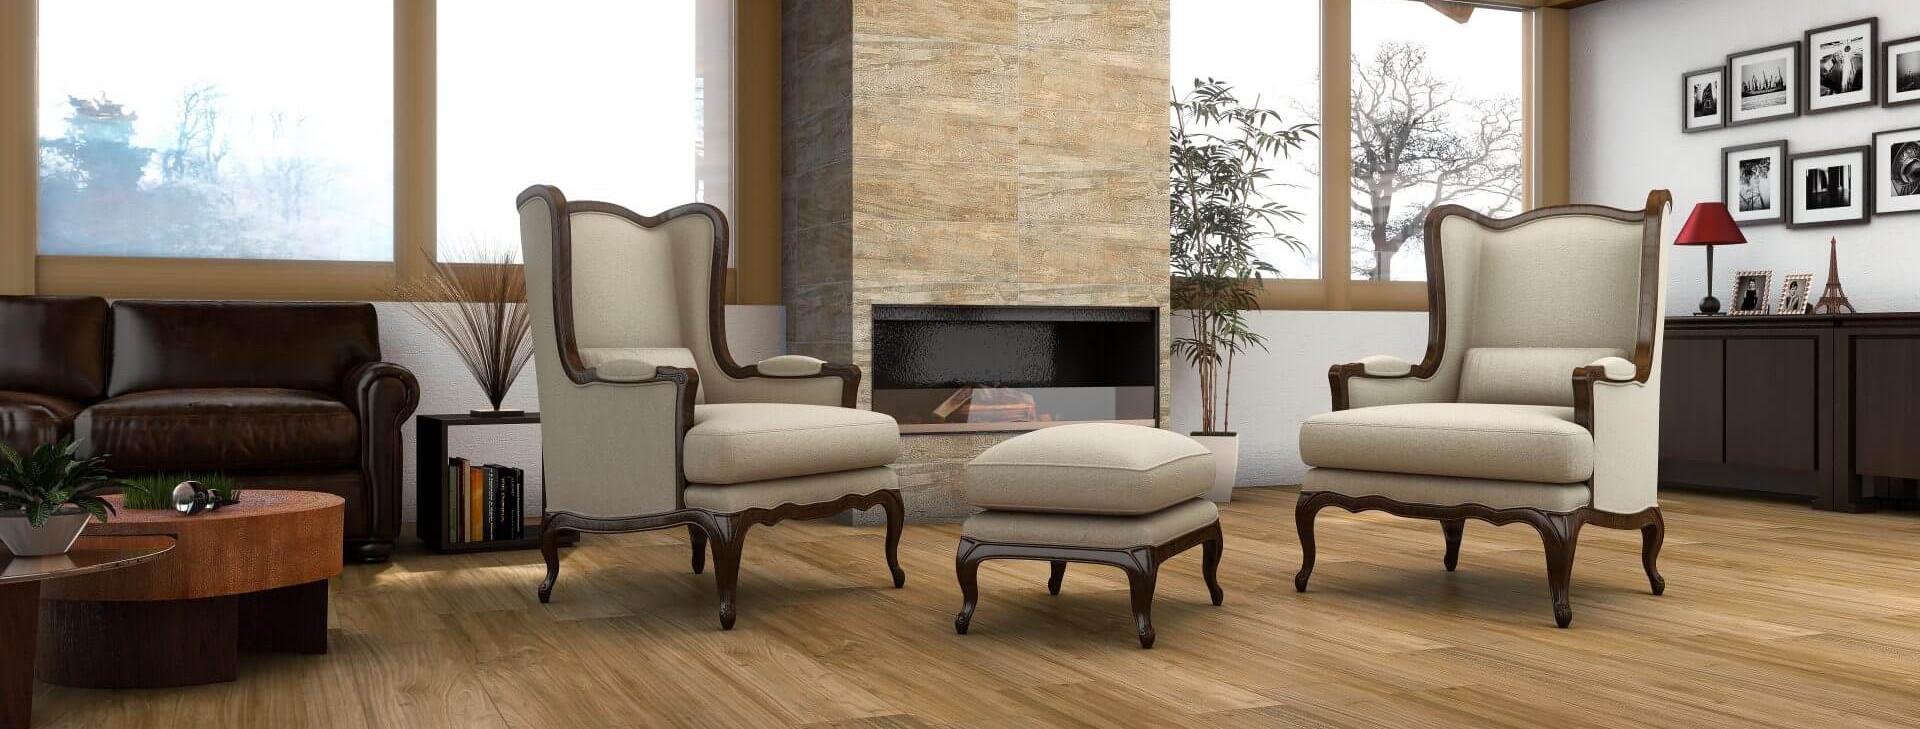 porcelanato-amadeirado-madeira-ambiente-sala-estar-piso-retificado-moderno